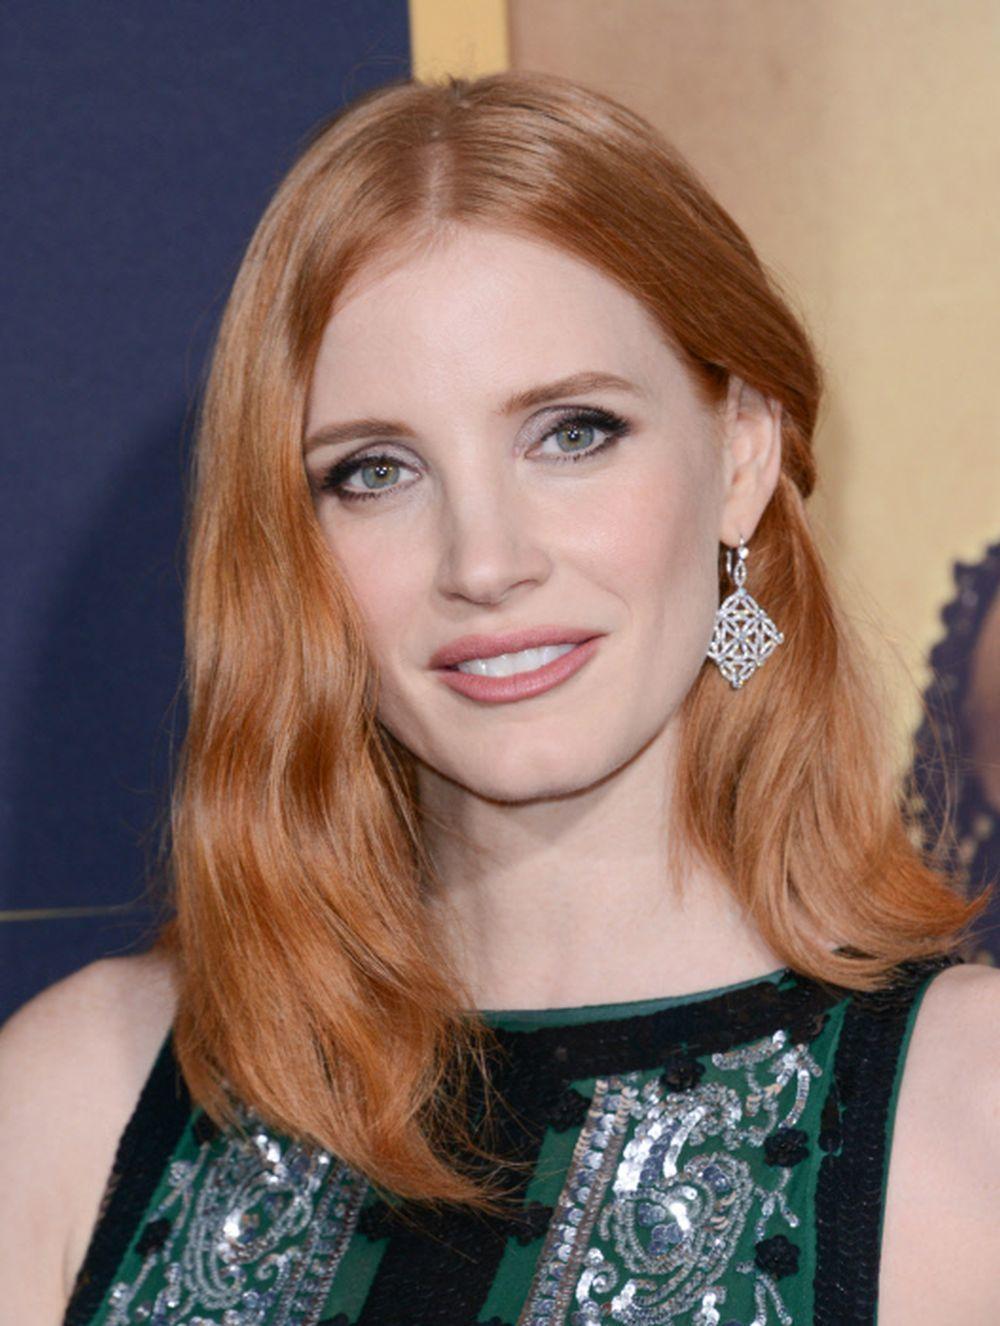 Jessica Chastain presume de pelirrojo o strawberry blonde, un rubio cobrizo que le sienta espléndido con su piel blanca y ojos azules.